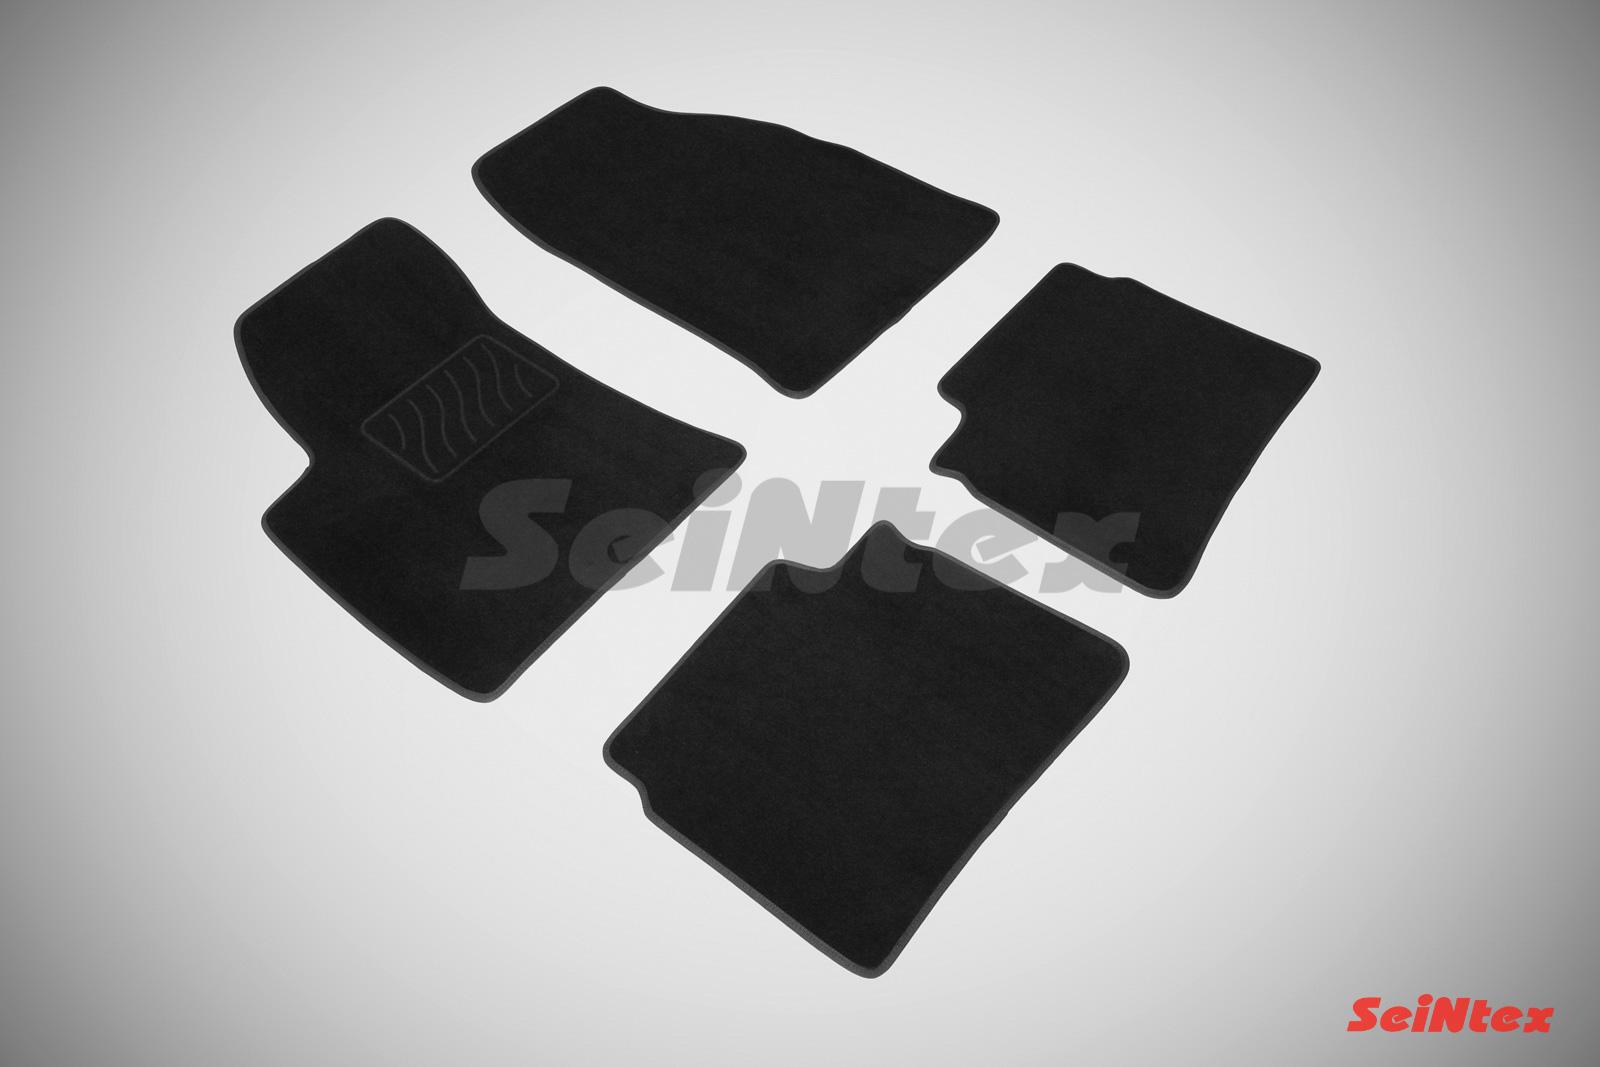 Коврики в салон автомобиля Seintex Ворсовые коврики LUX для Hyundai Sonata V 2004-2010 недорго, оригинальная цена